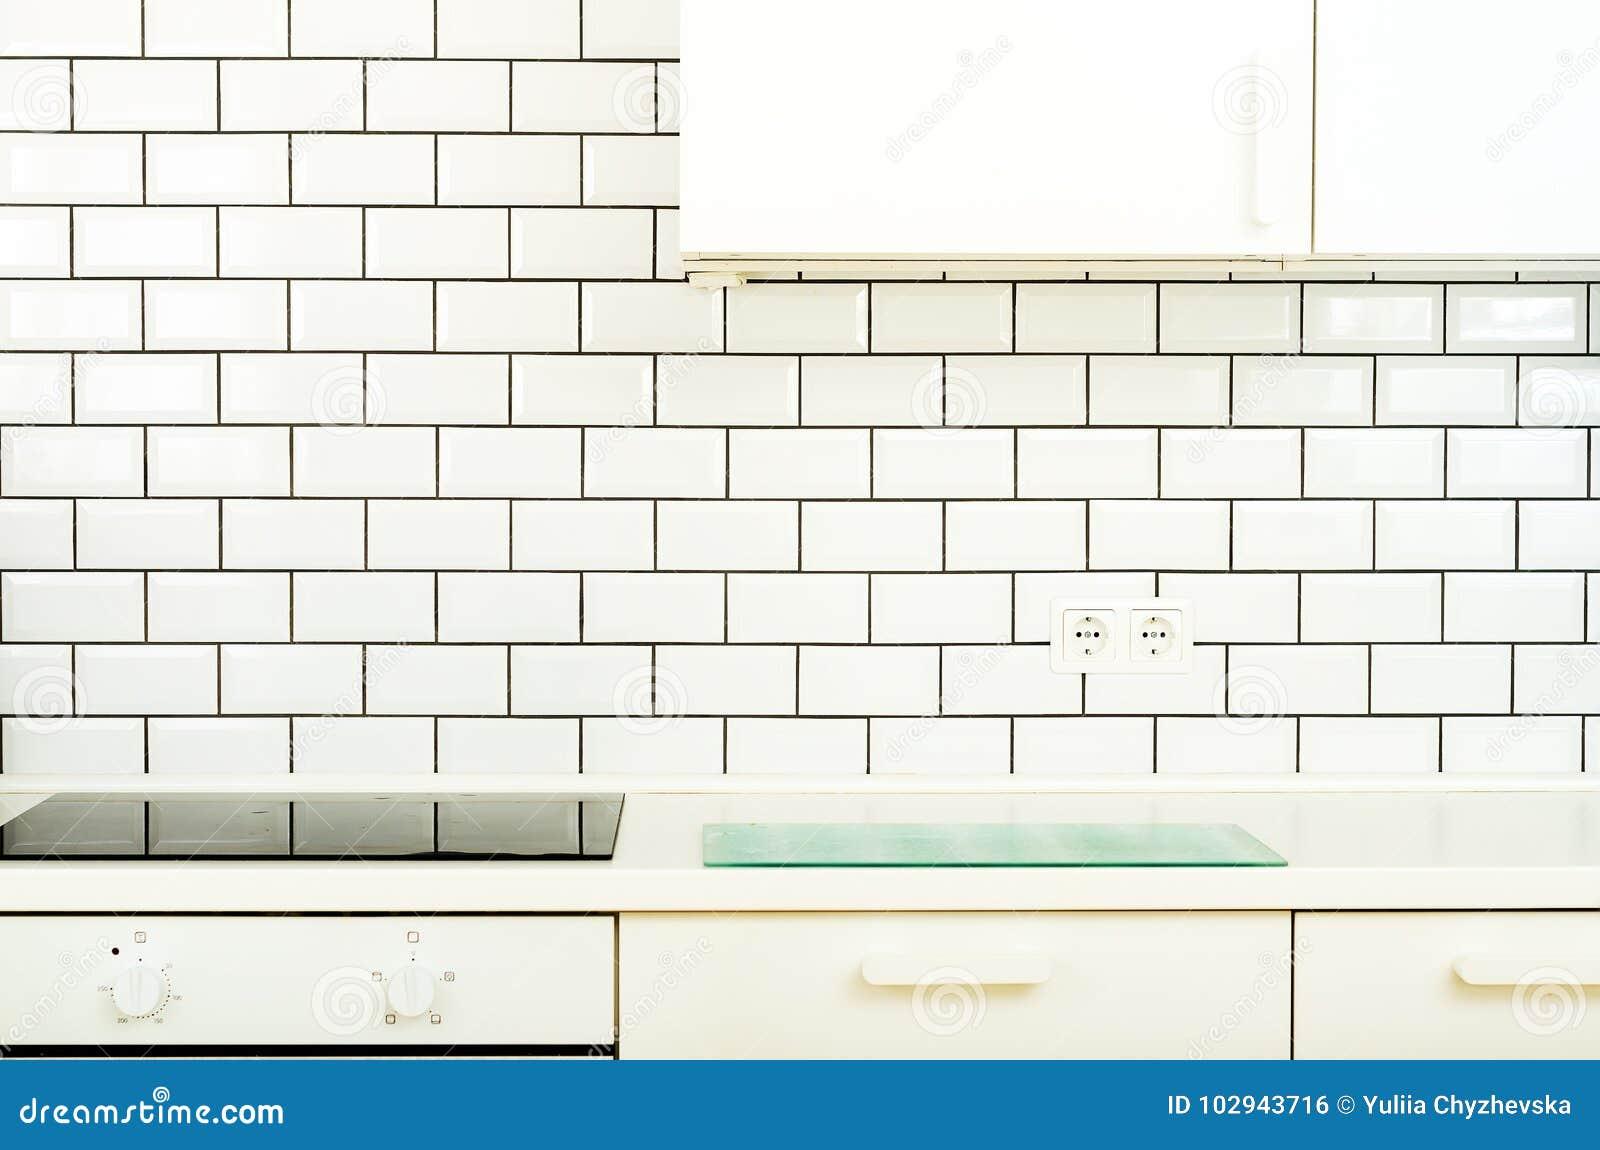 Άσπρο εσωτερικό σχέδιο, σύγχρονη και μινιμαλιστική κουζίνα ύφους με τις οικιακές συσκευές Ανοιχτός χώρος στο σύνολο καθιστικών